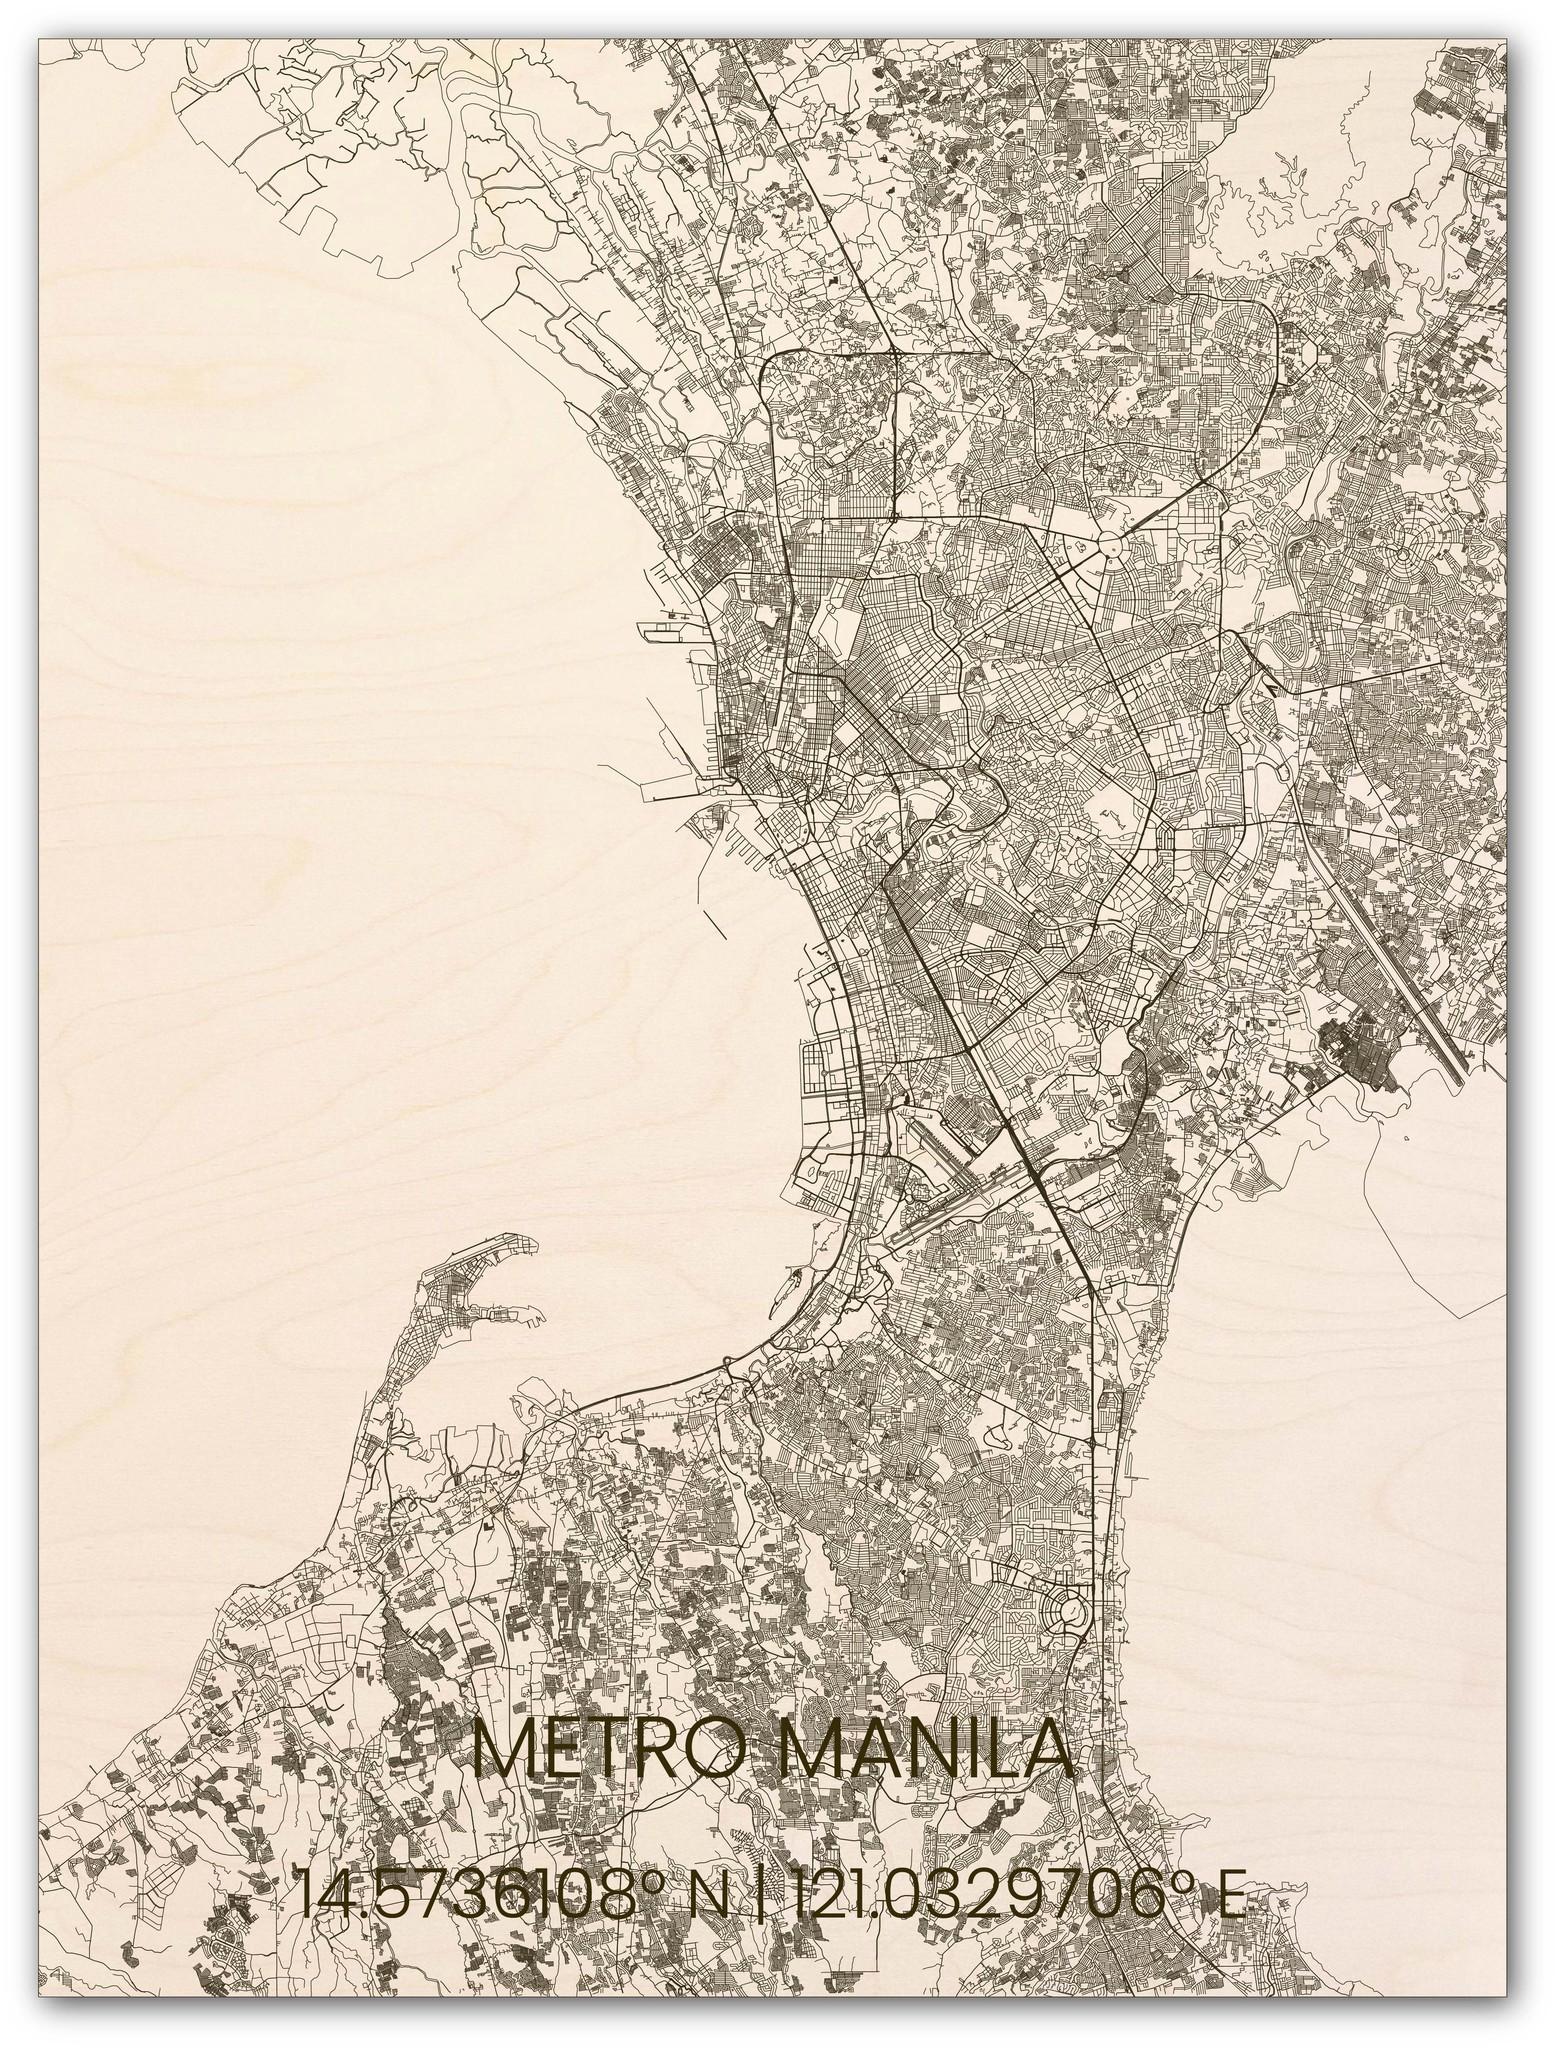 Houten stadsplattegrond Metro Manila-1